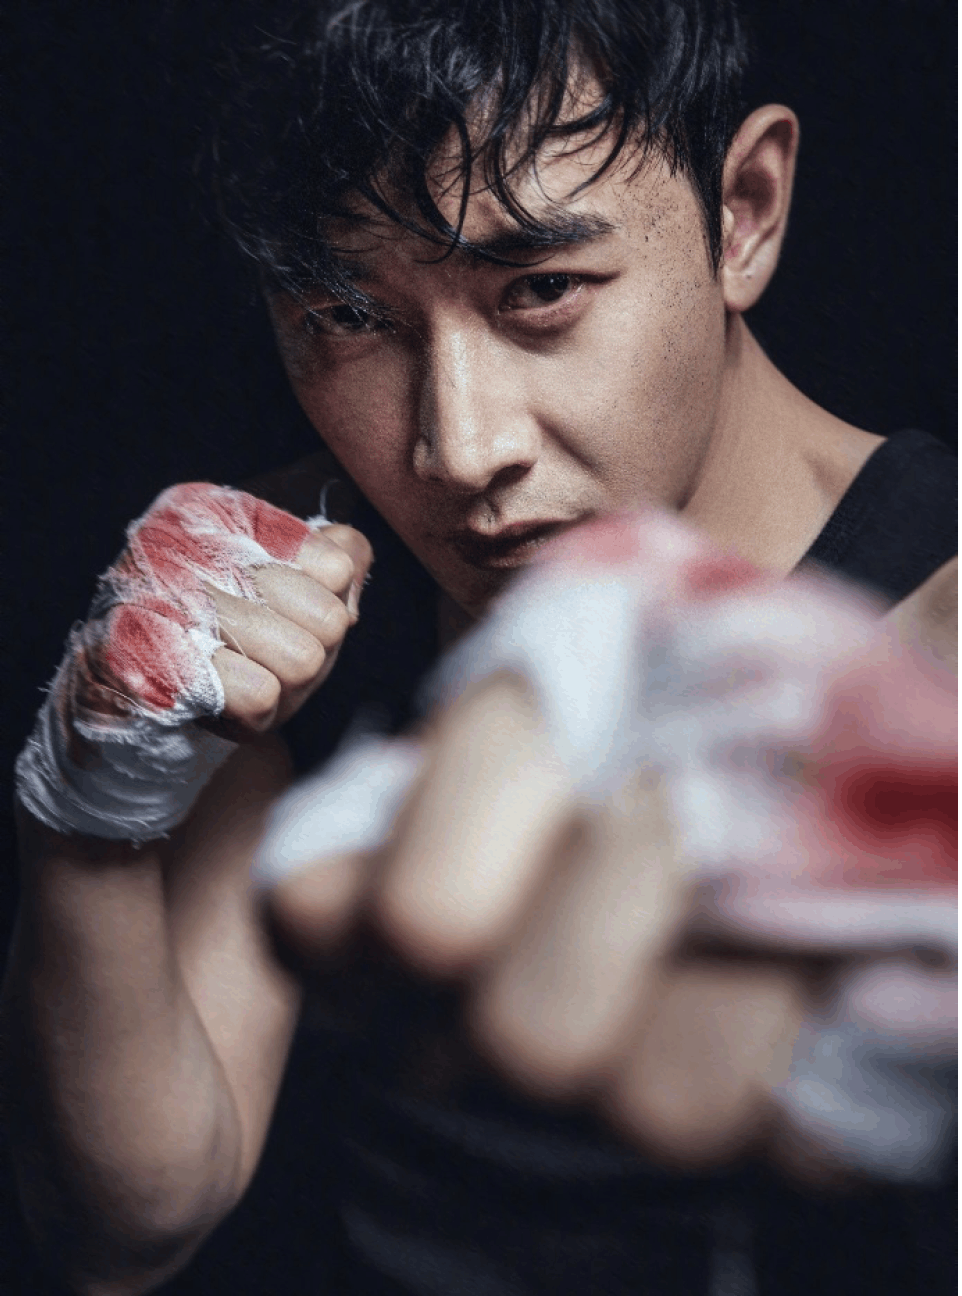 罗晋拳击照流出,他身上中国男星荷尔蒙爆表榜,他在男星中排行第几